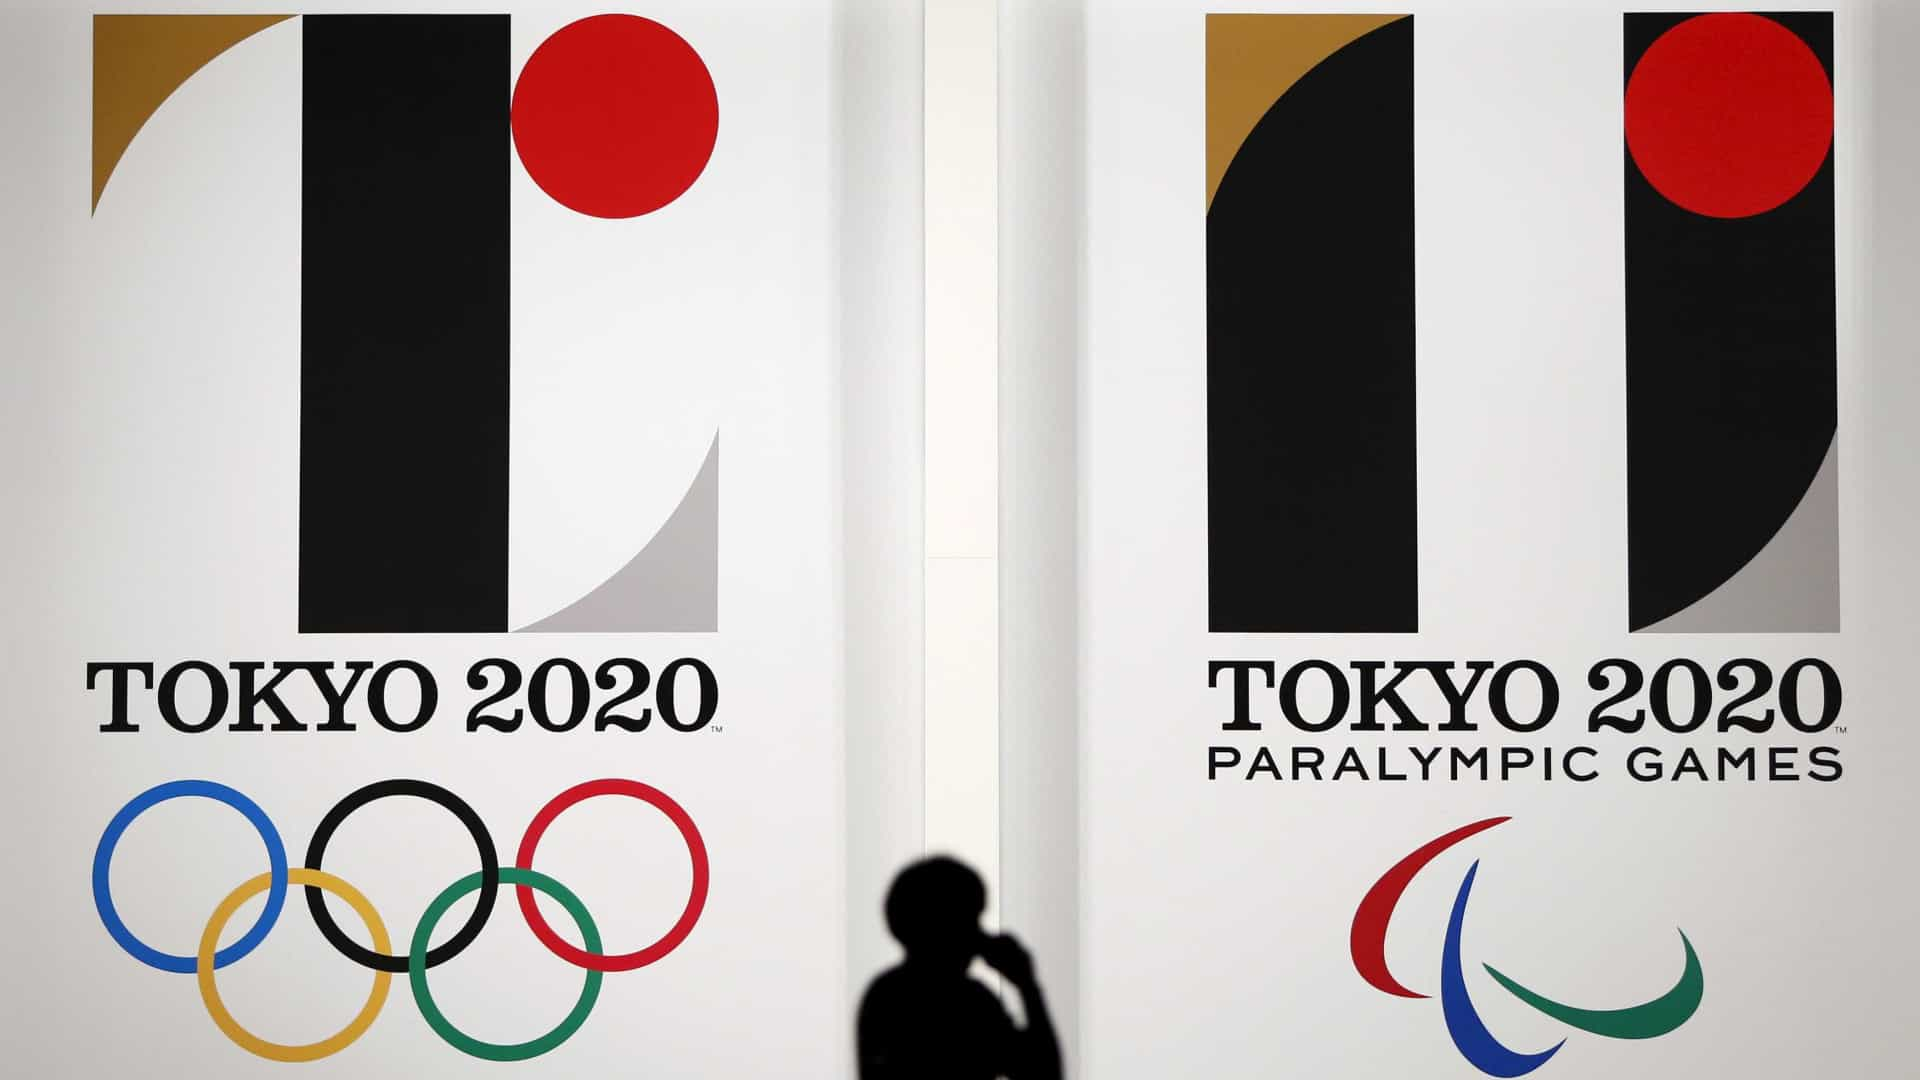 naom 55c206bedde30 - Brasil pode ter mais mulheres do que homens em sua delegação olímpica